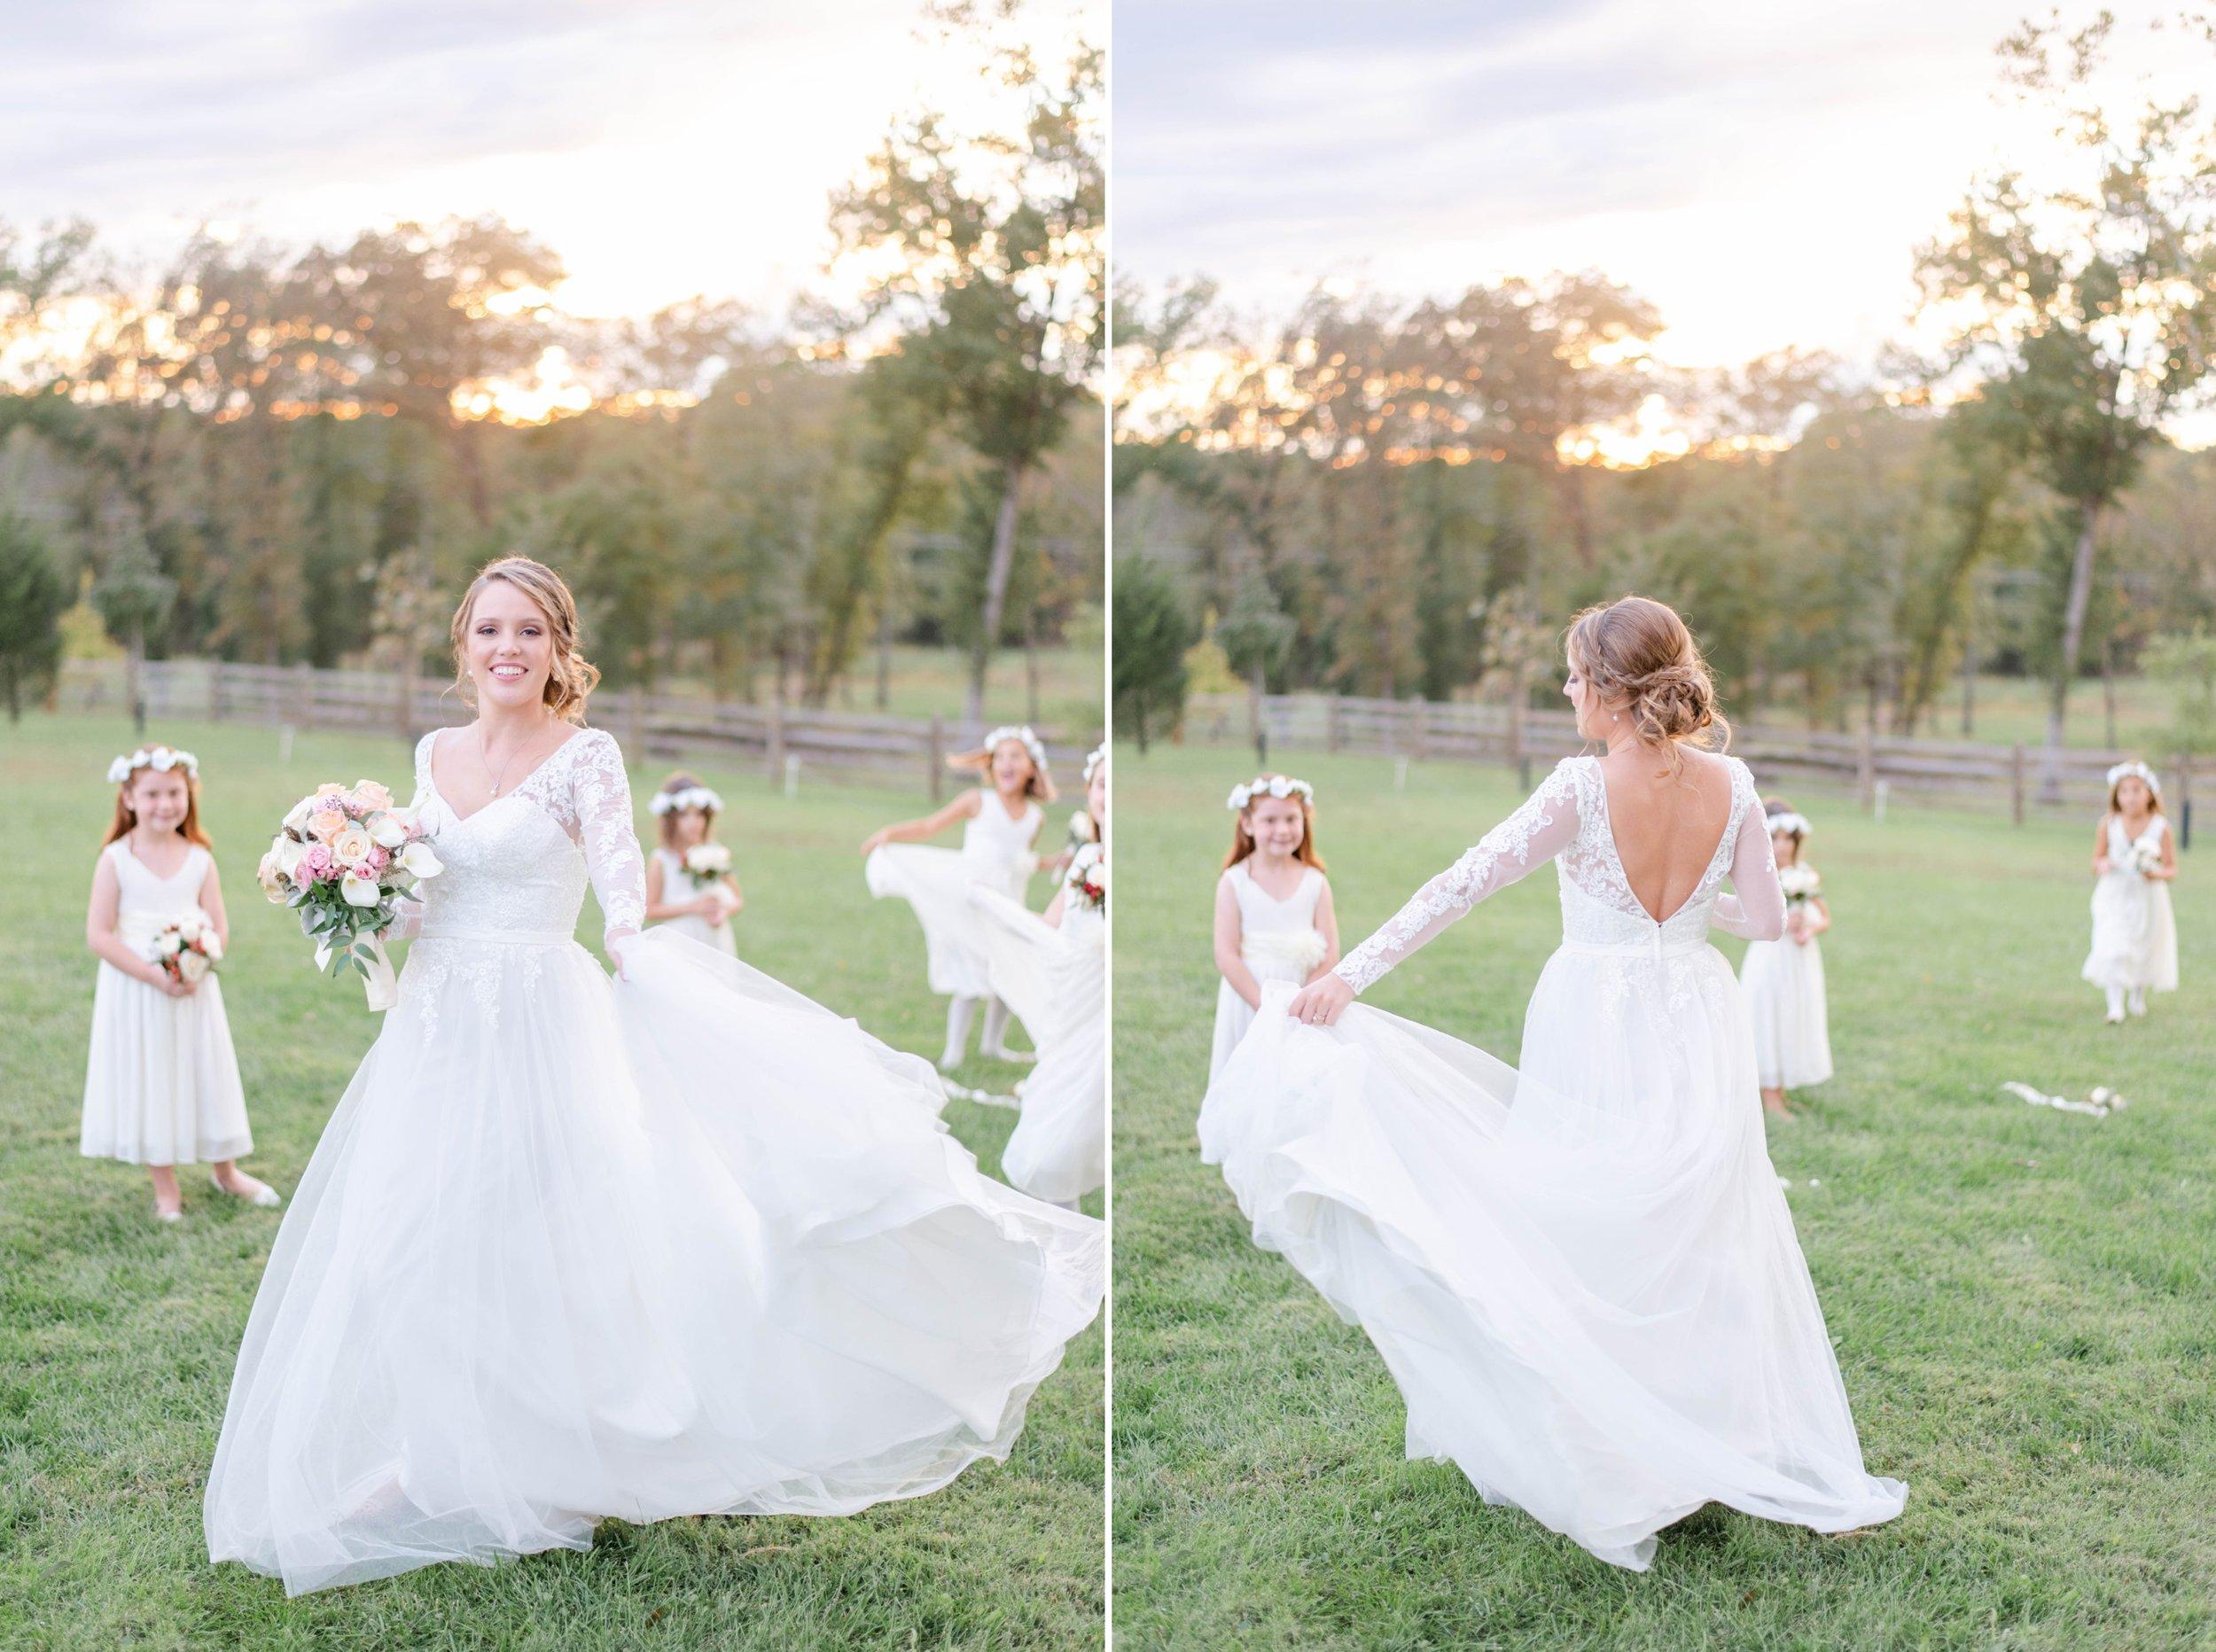 GrantElizabeth_wineryatbullrun_DCwedding_Virginiaweddingphotographer 38.jpg